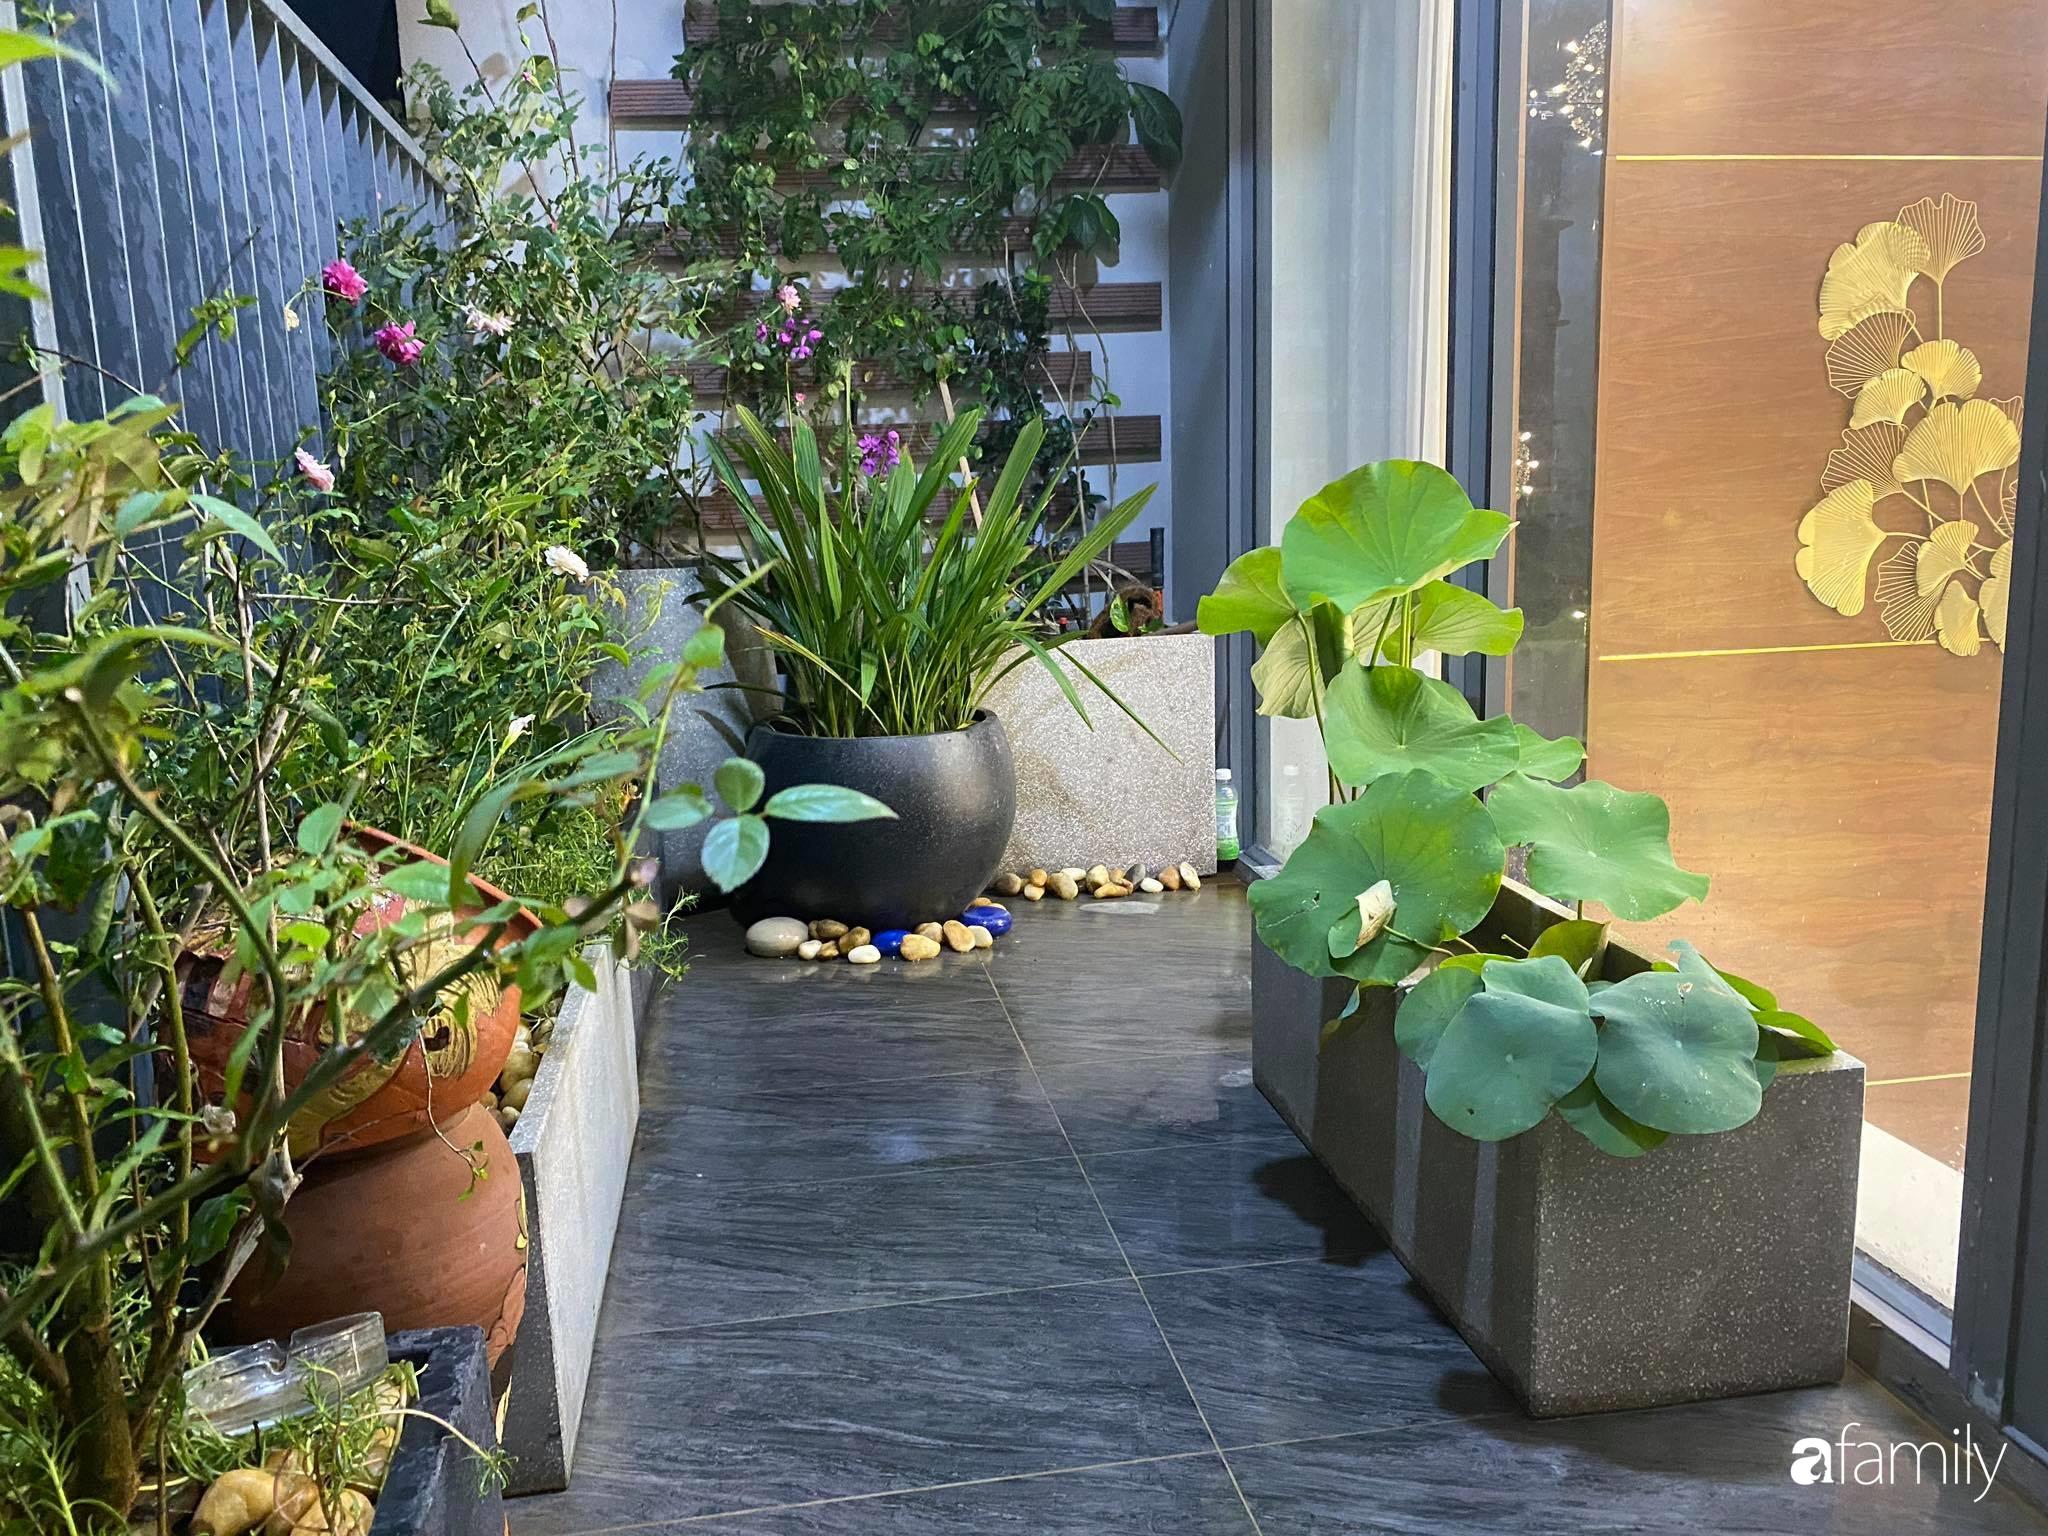 Ban công căn hộ thông tầng đẹp lãng mạn với cây và hoa ở Hà Nội - Ảnh 10.